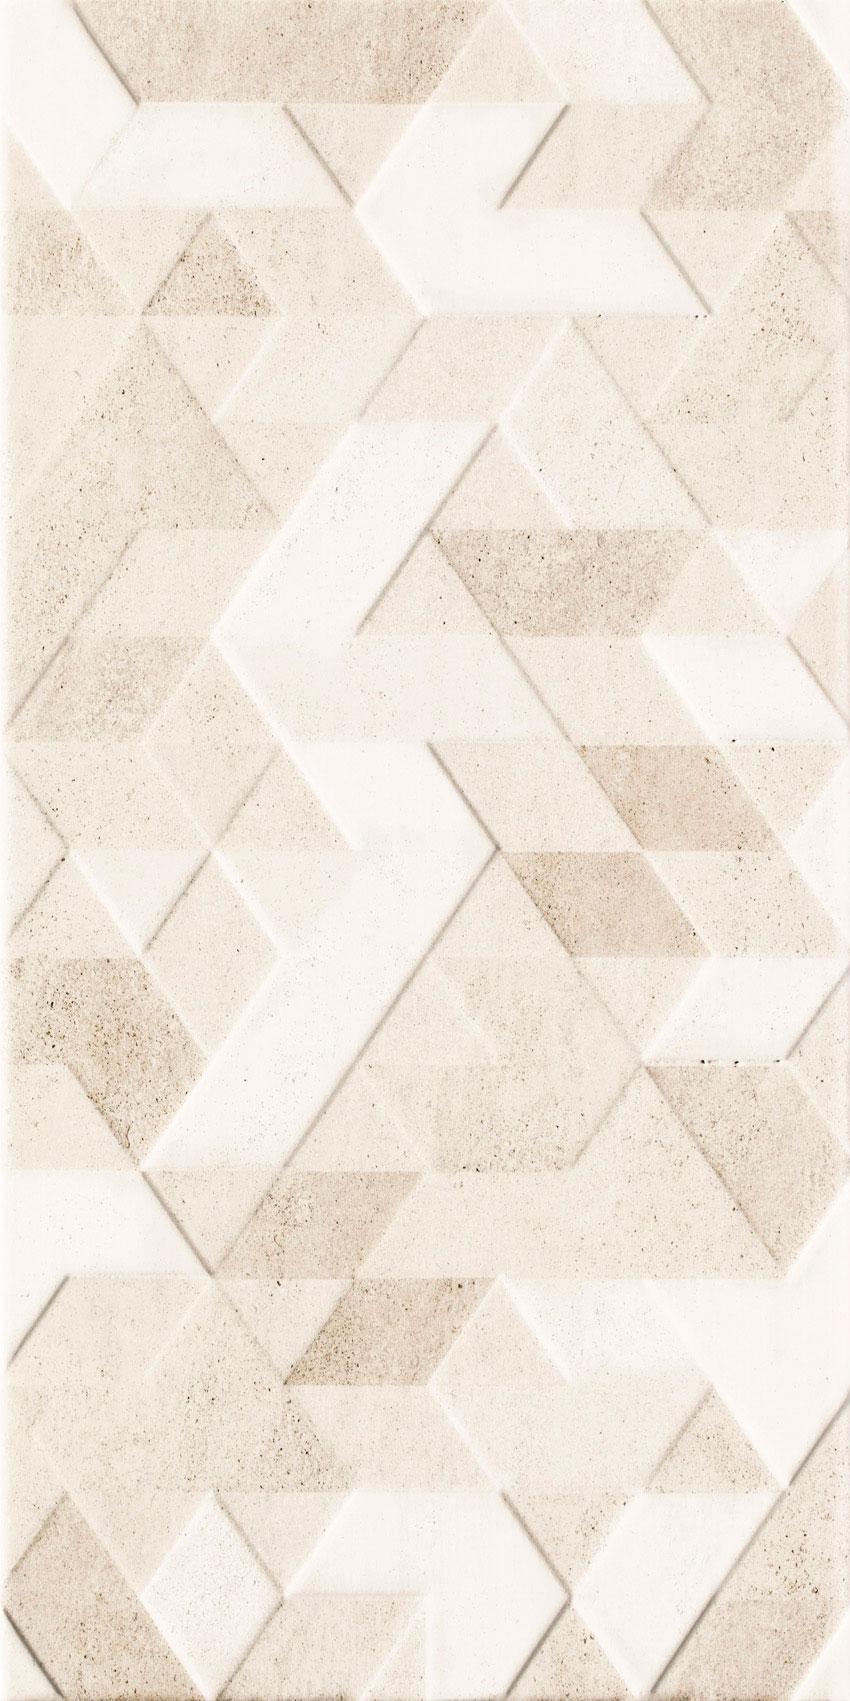 Настенная плитка Ceramika Paradyz Emilly Beige struktura decor 30x60 (1,44) бордюр paradyz emilly milio sepia 2 3x60